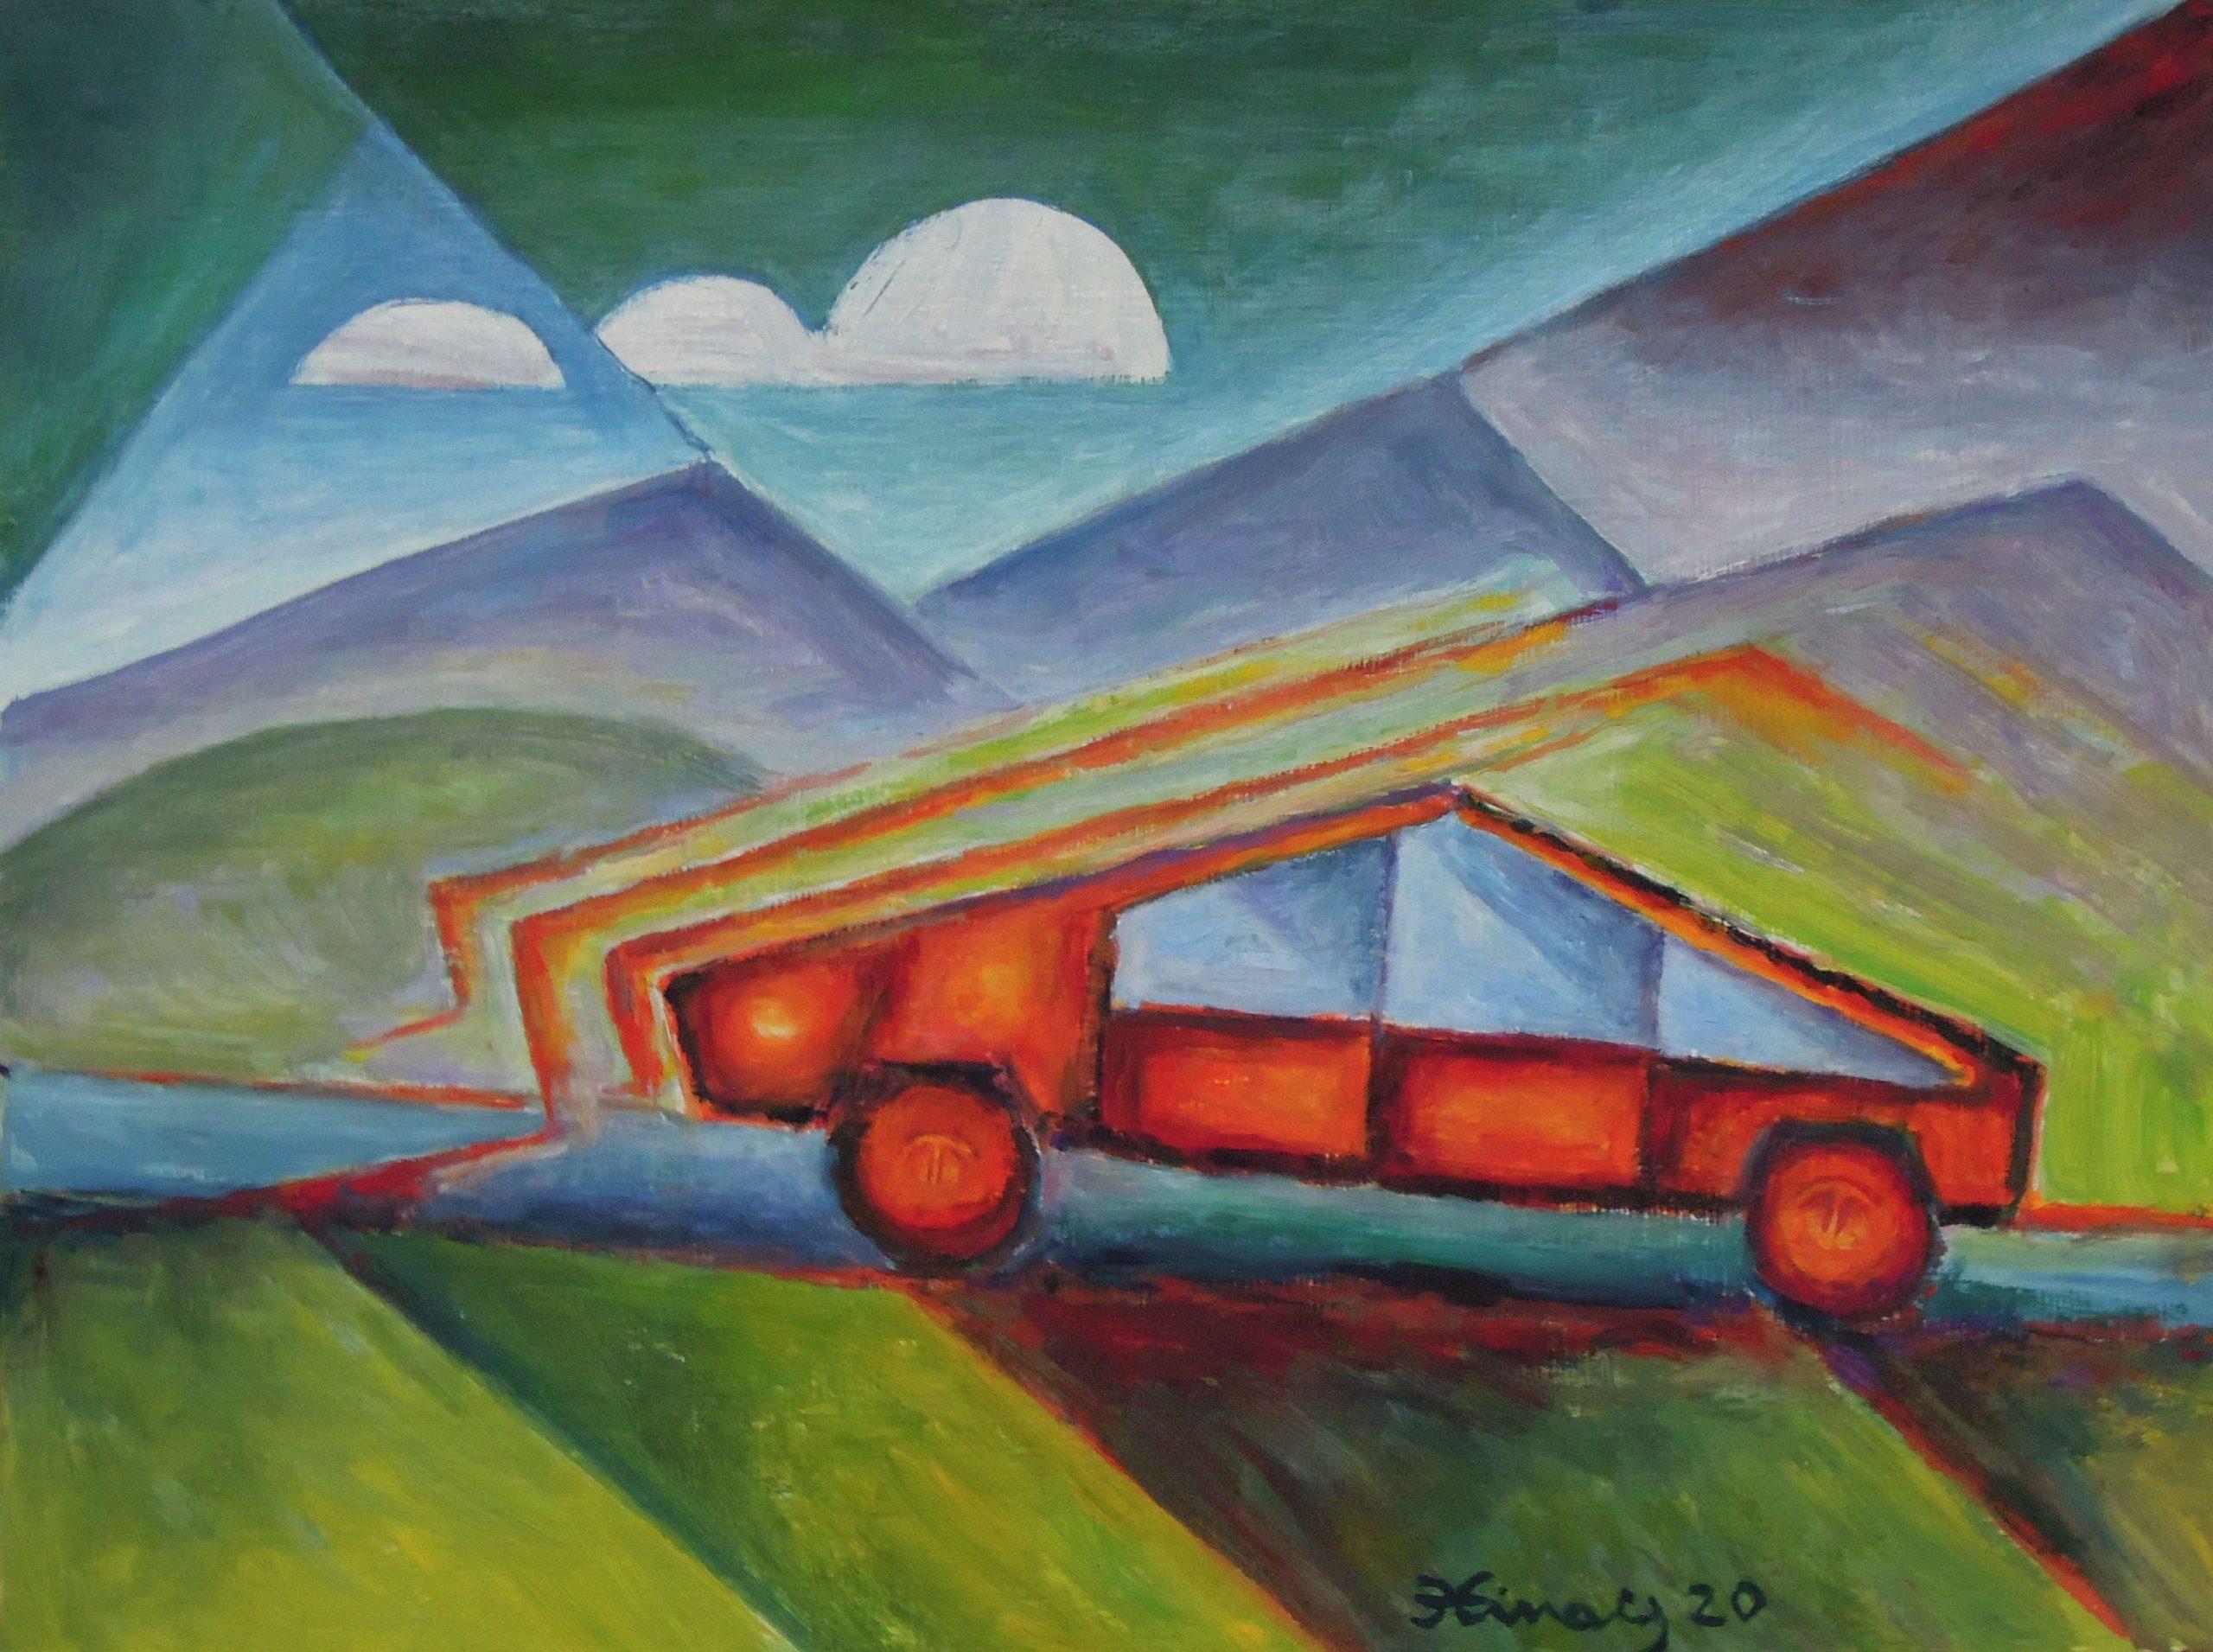 tesla car - Jan Hinais